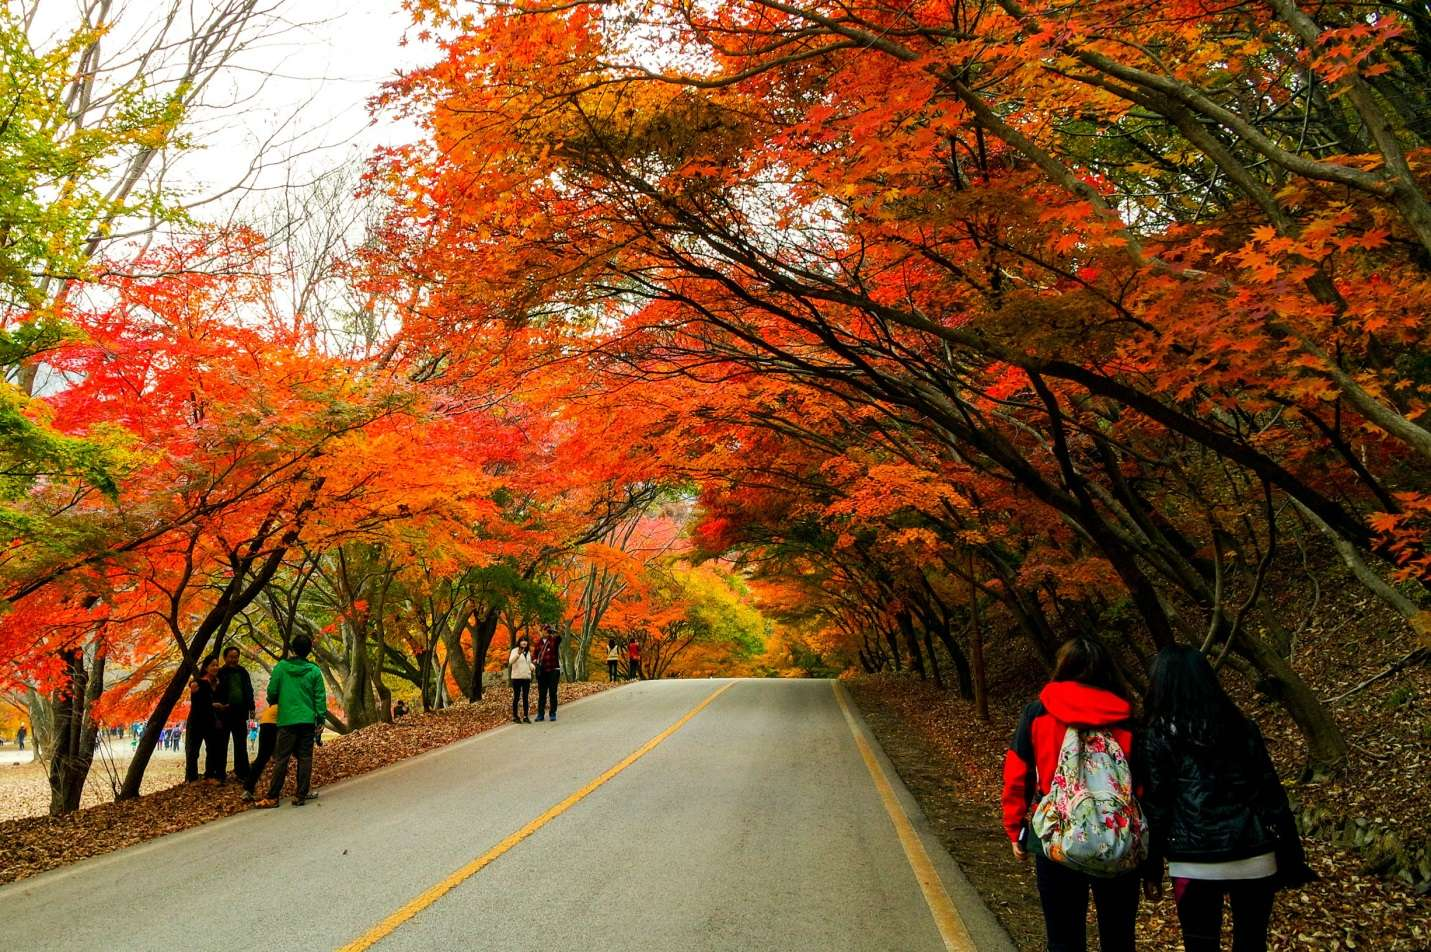 Mùa thu-thời điểm lí tưởng nhất trong năm để du lịch Hàn Quốc và trải nghiệm khung cảnh lá vàng rơi siêu lãng mạn